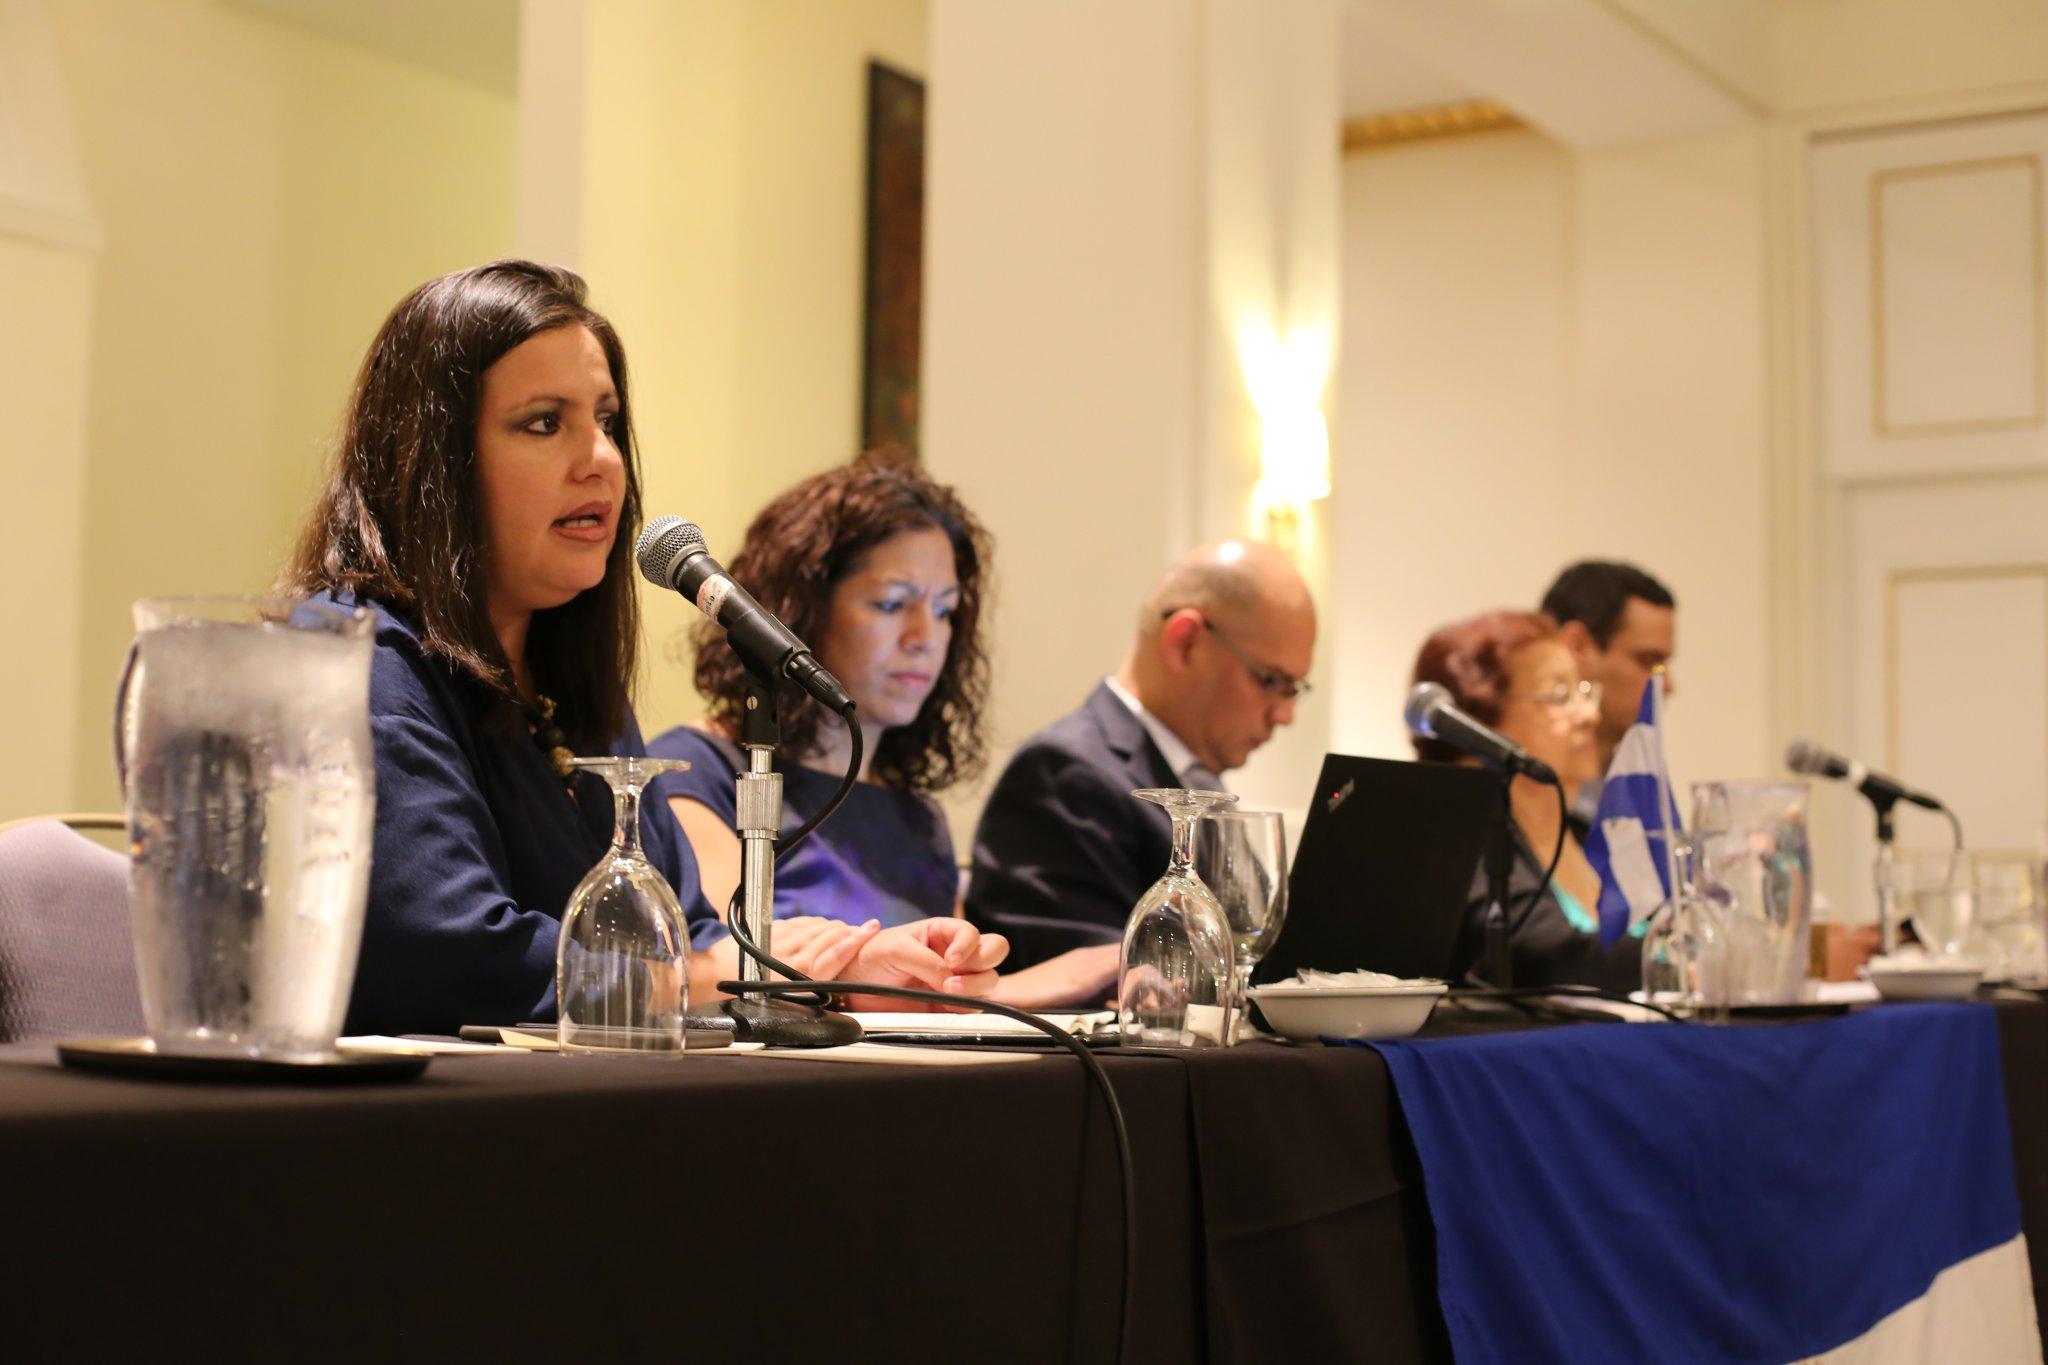 Voces de Nicaragua analizan crisis de derechos humanos en Nicaragua y plantean recomendaciones para garantizar la verdad, la justica y el restablecimiento de un orden democrático.